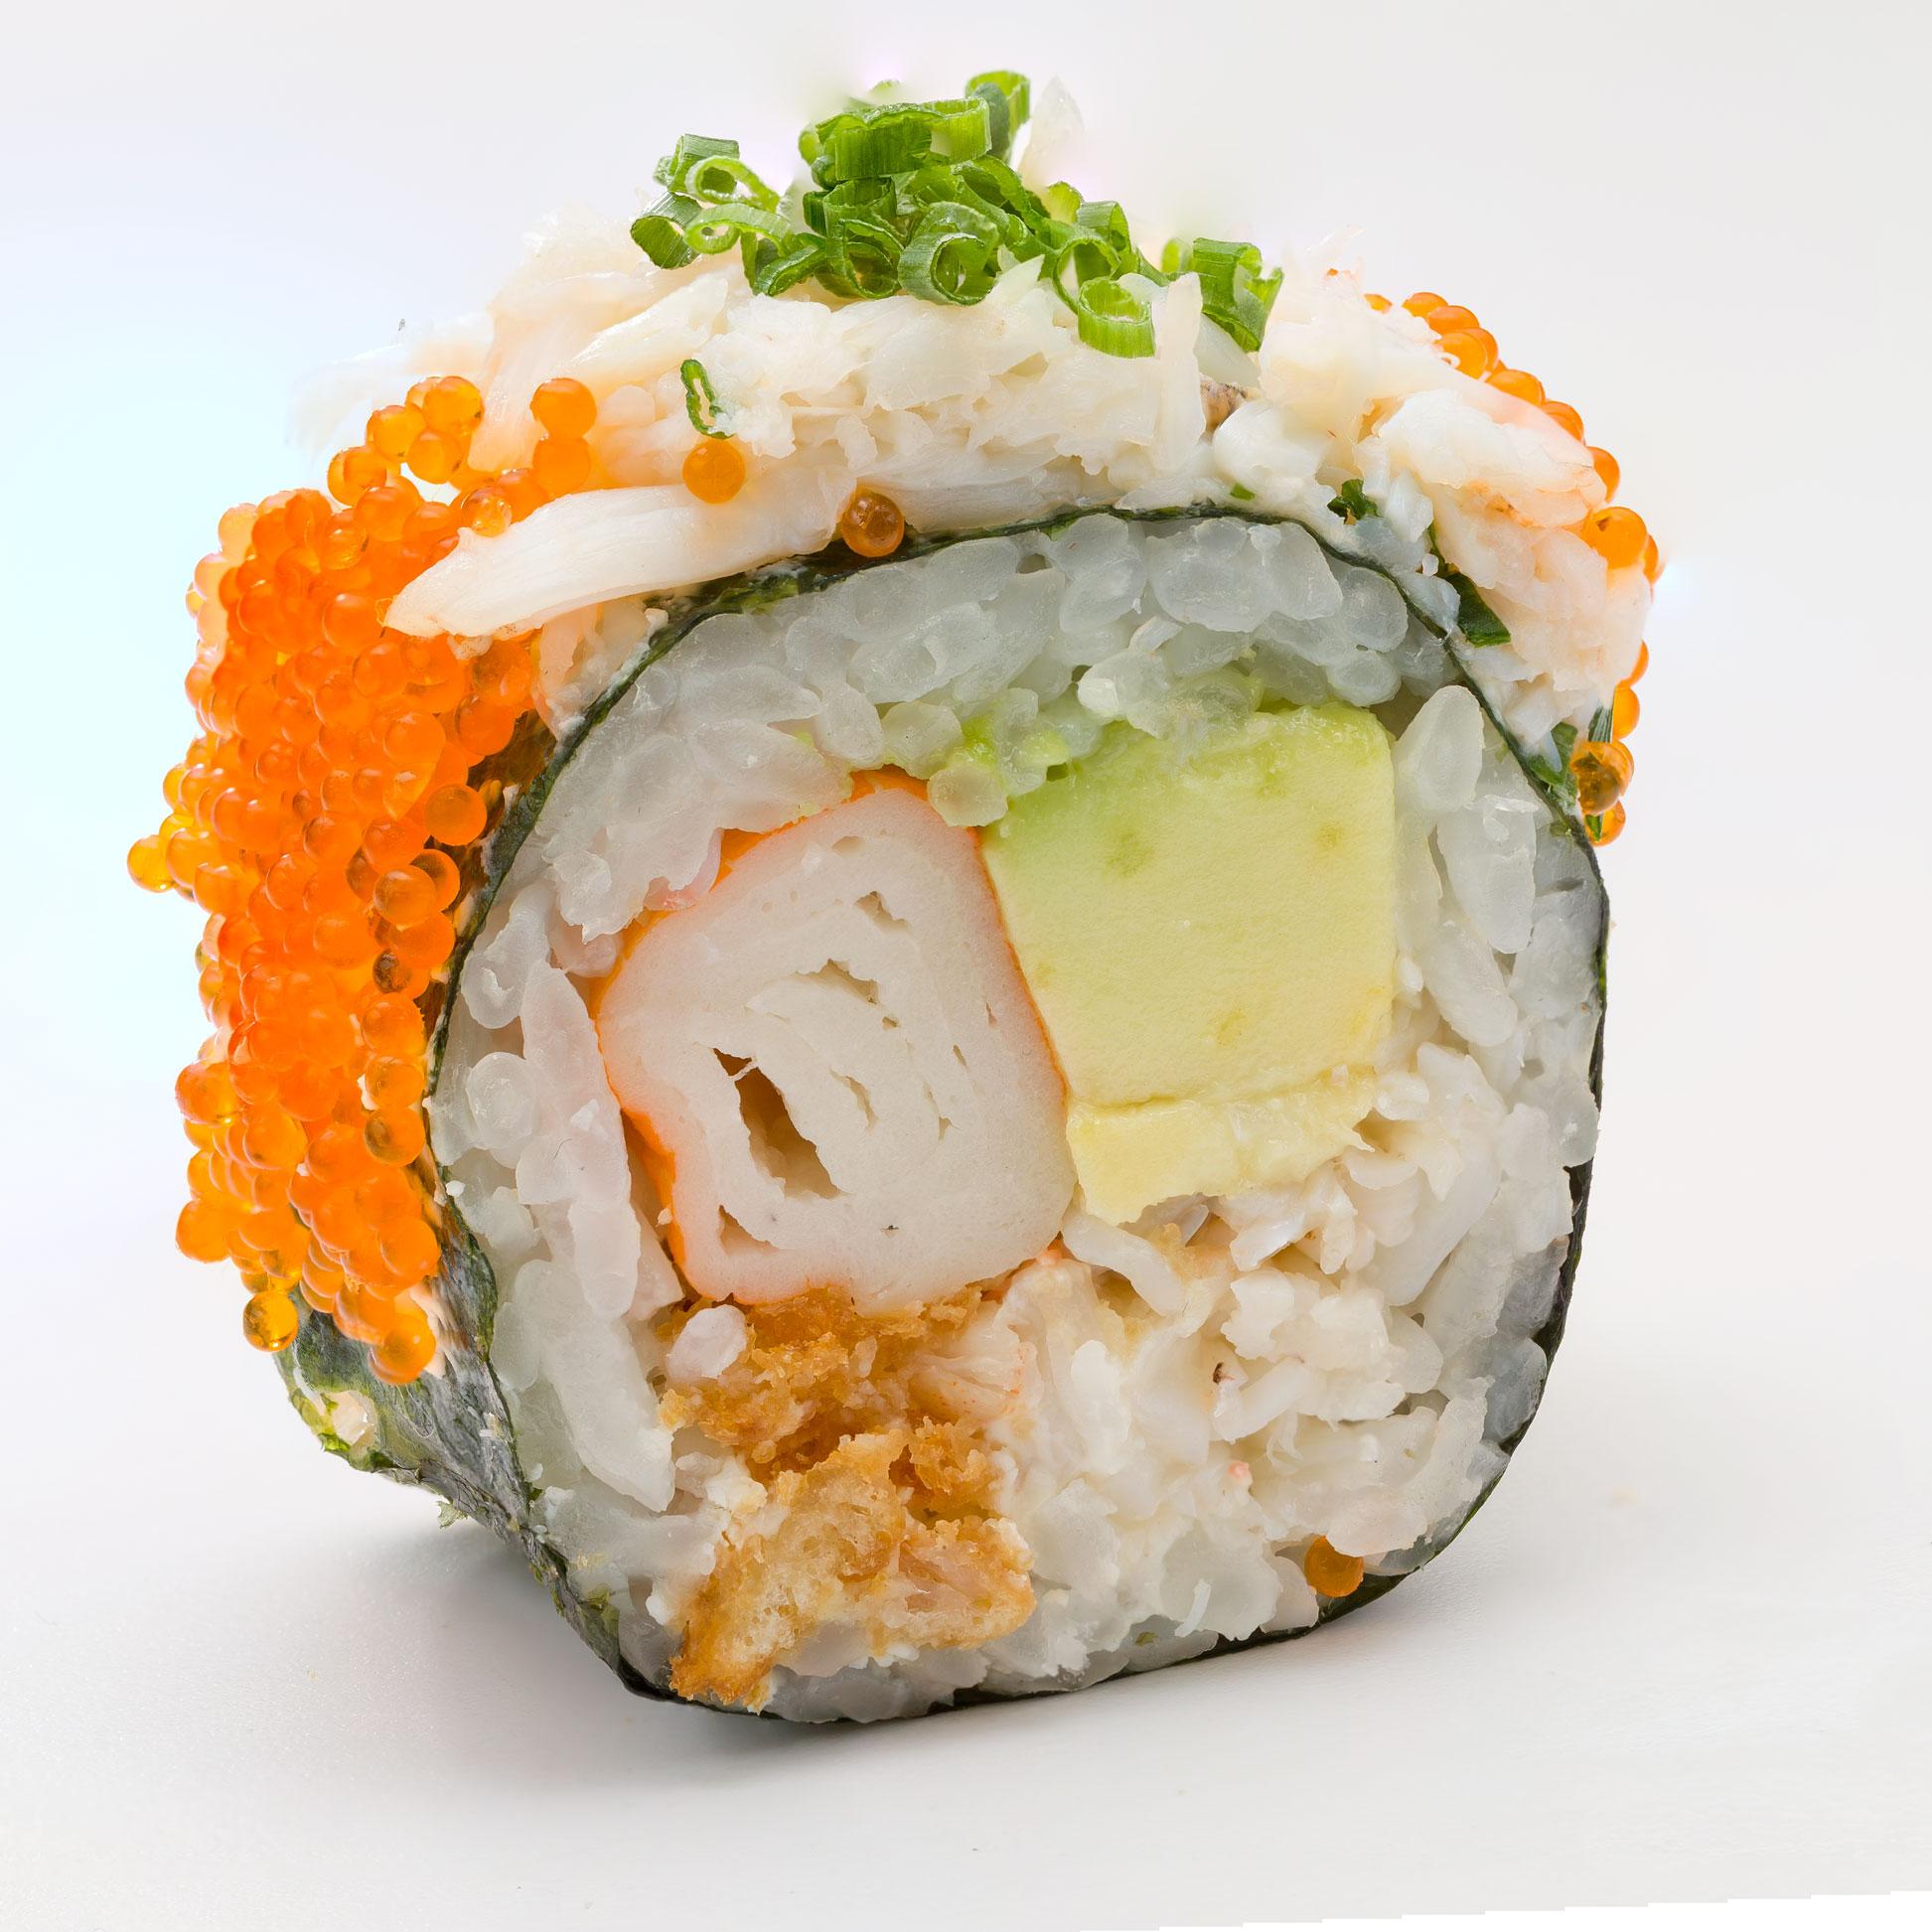 Les sushis revisités par les américains